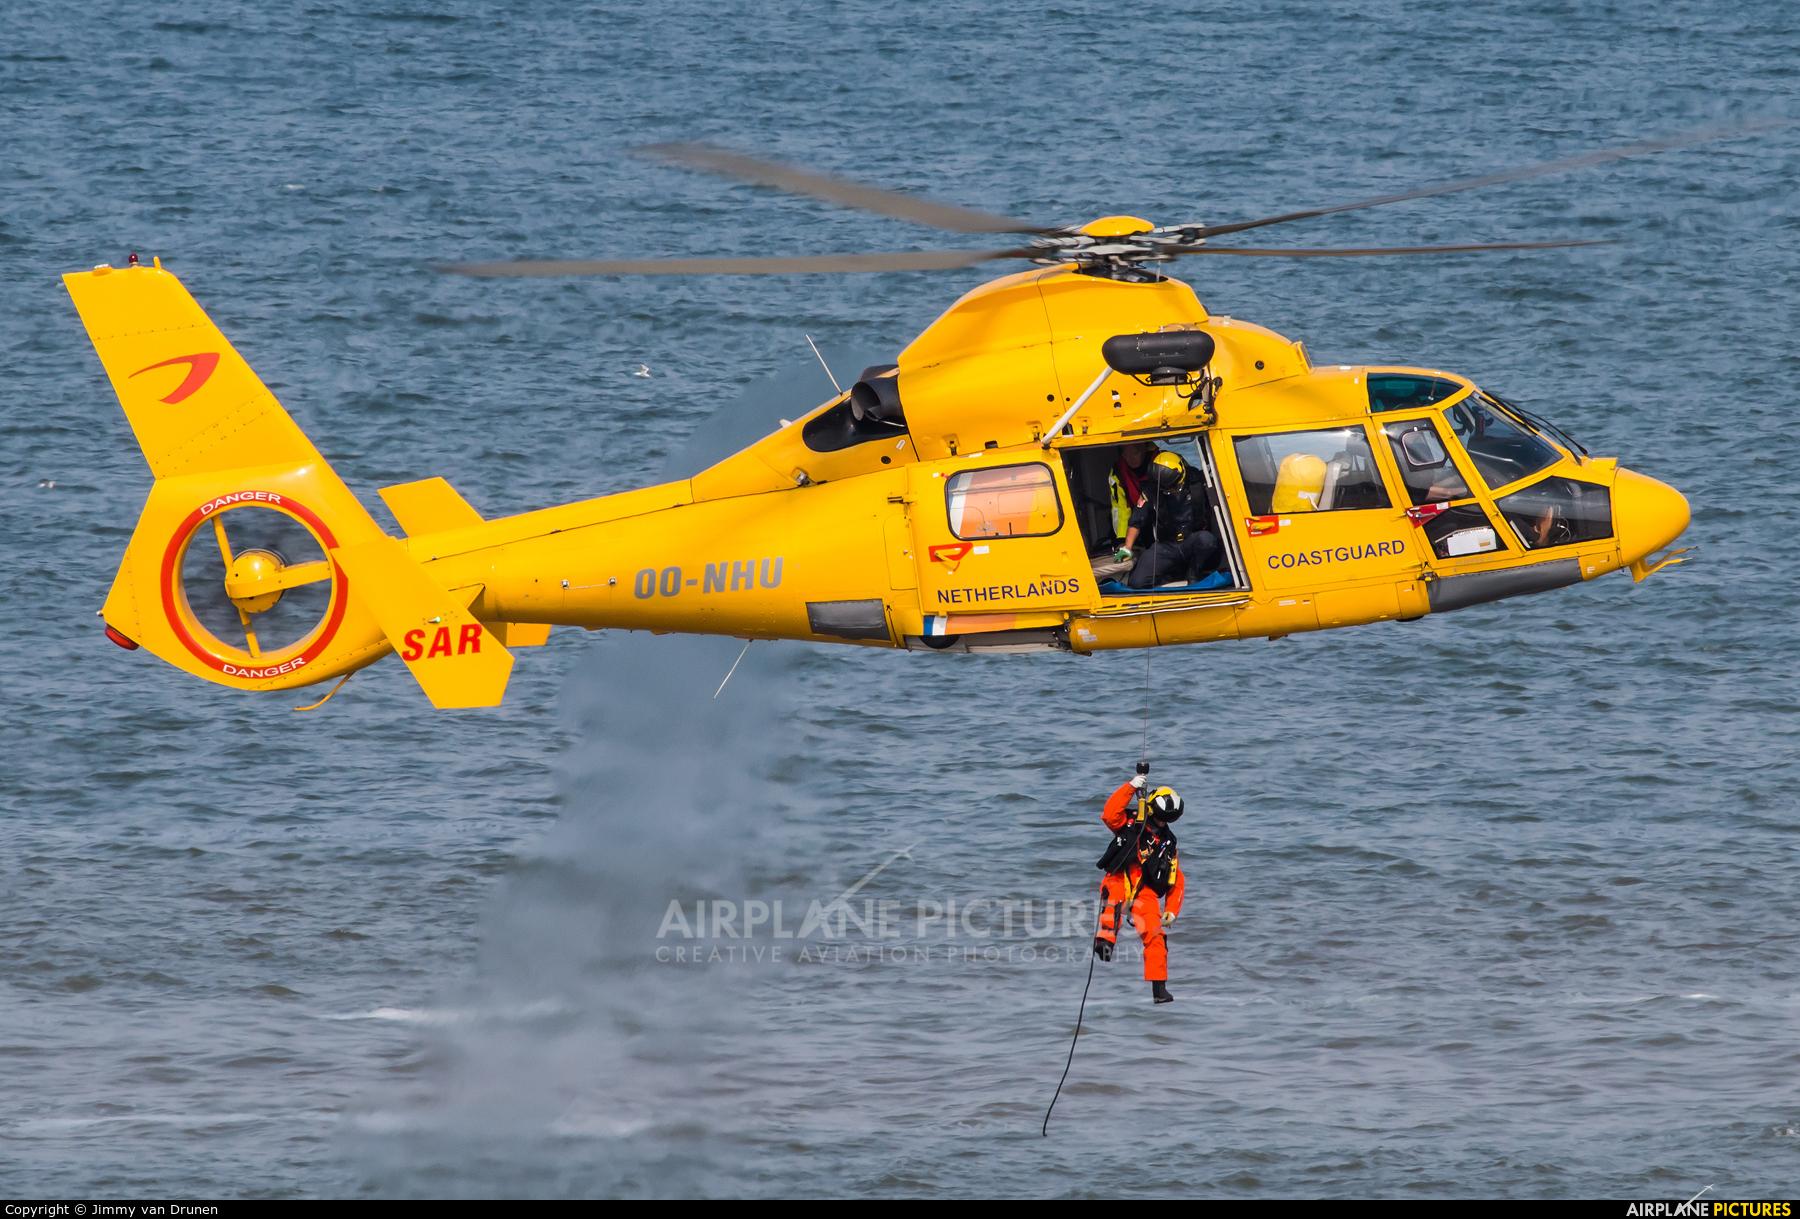 NHV - Noordzee Helikopters Vlaanderen OO-NHU aircraft at Off Airport - Netherlands